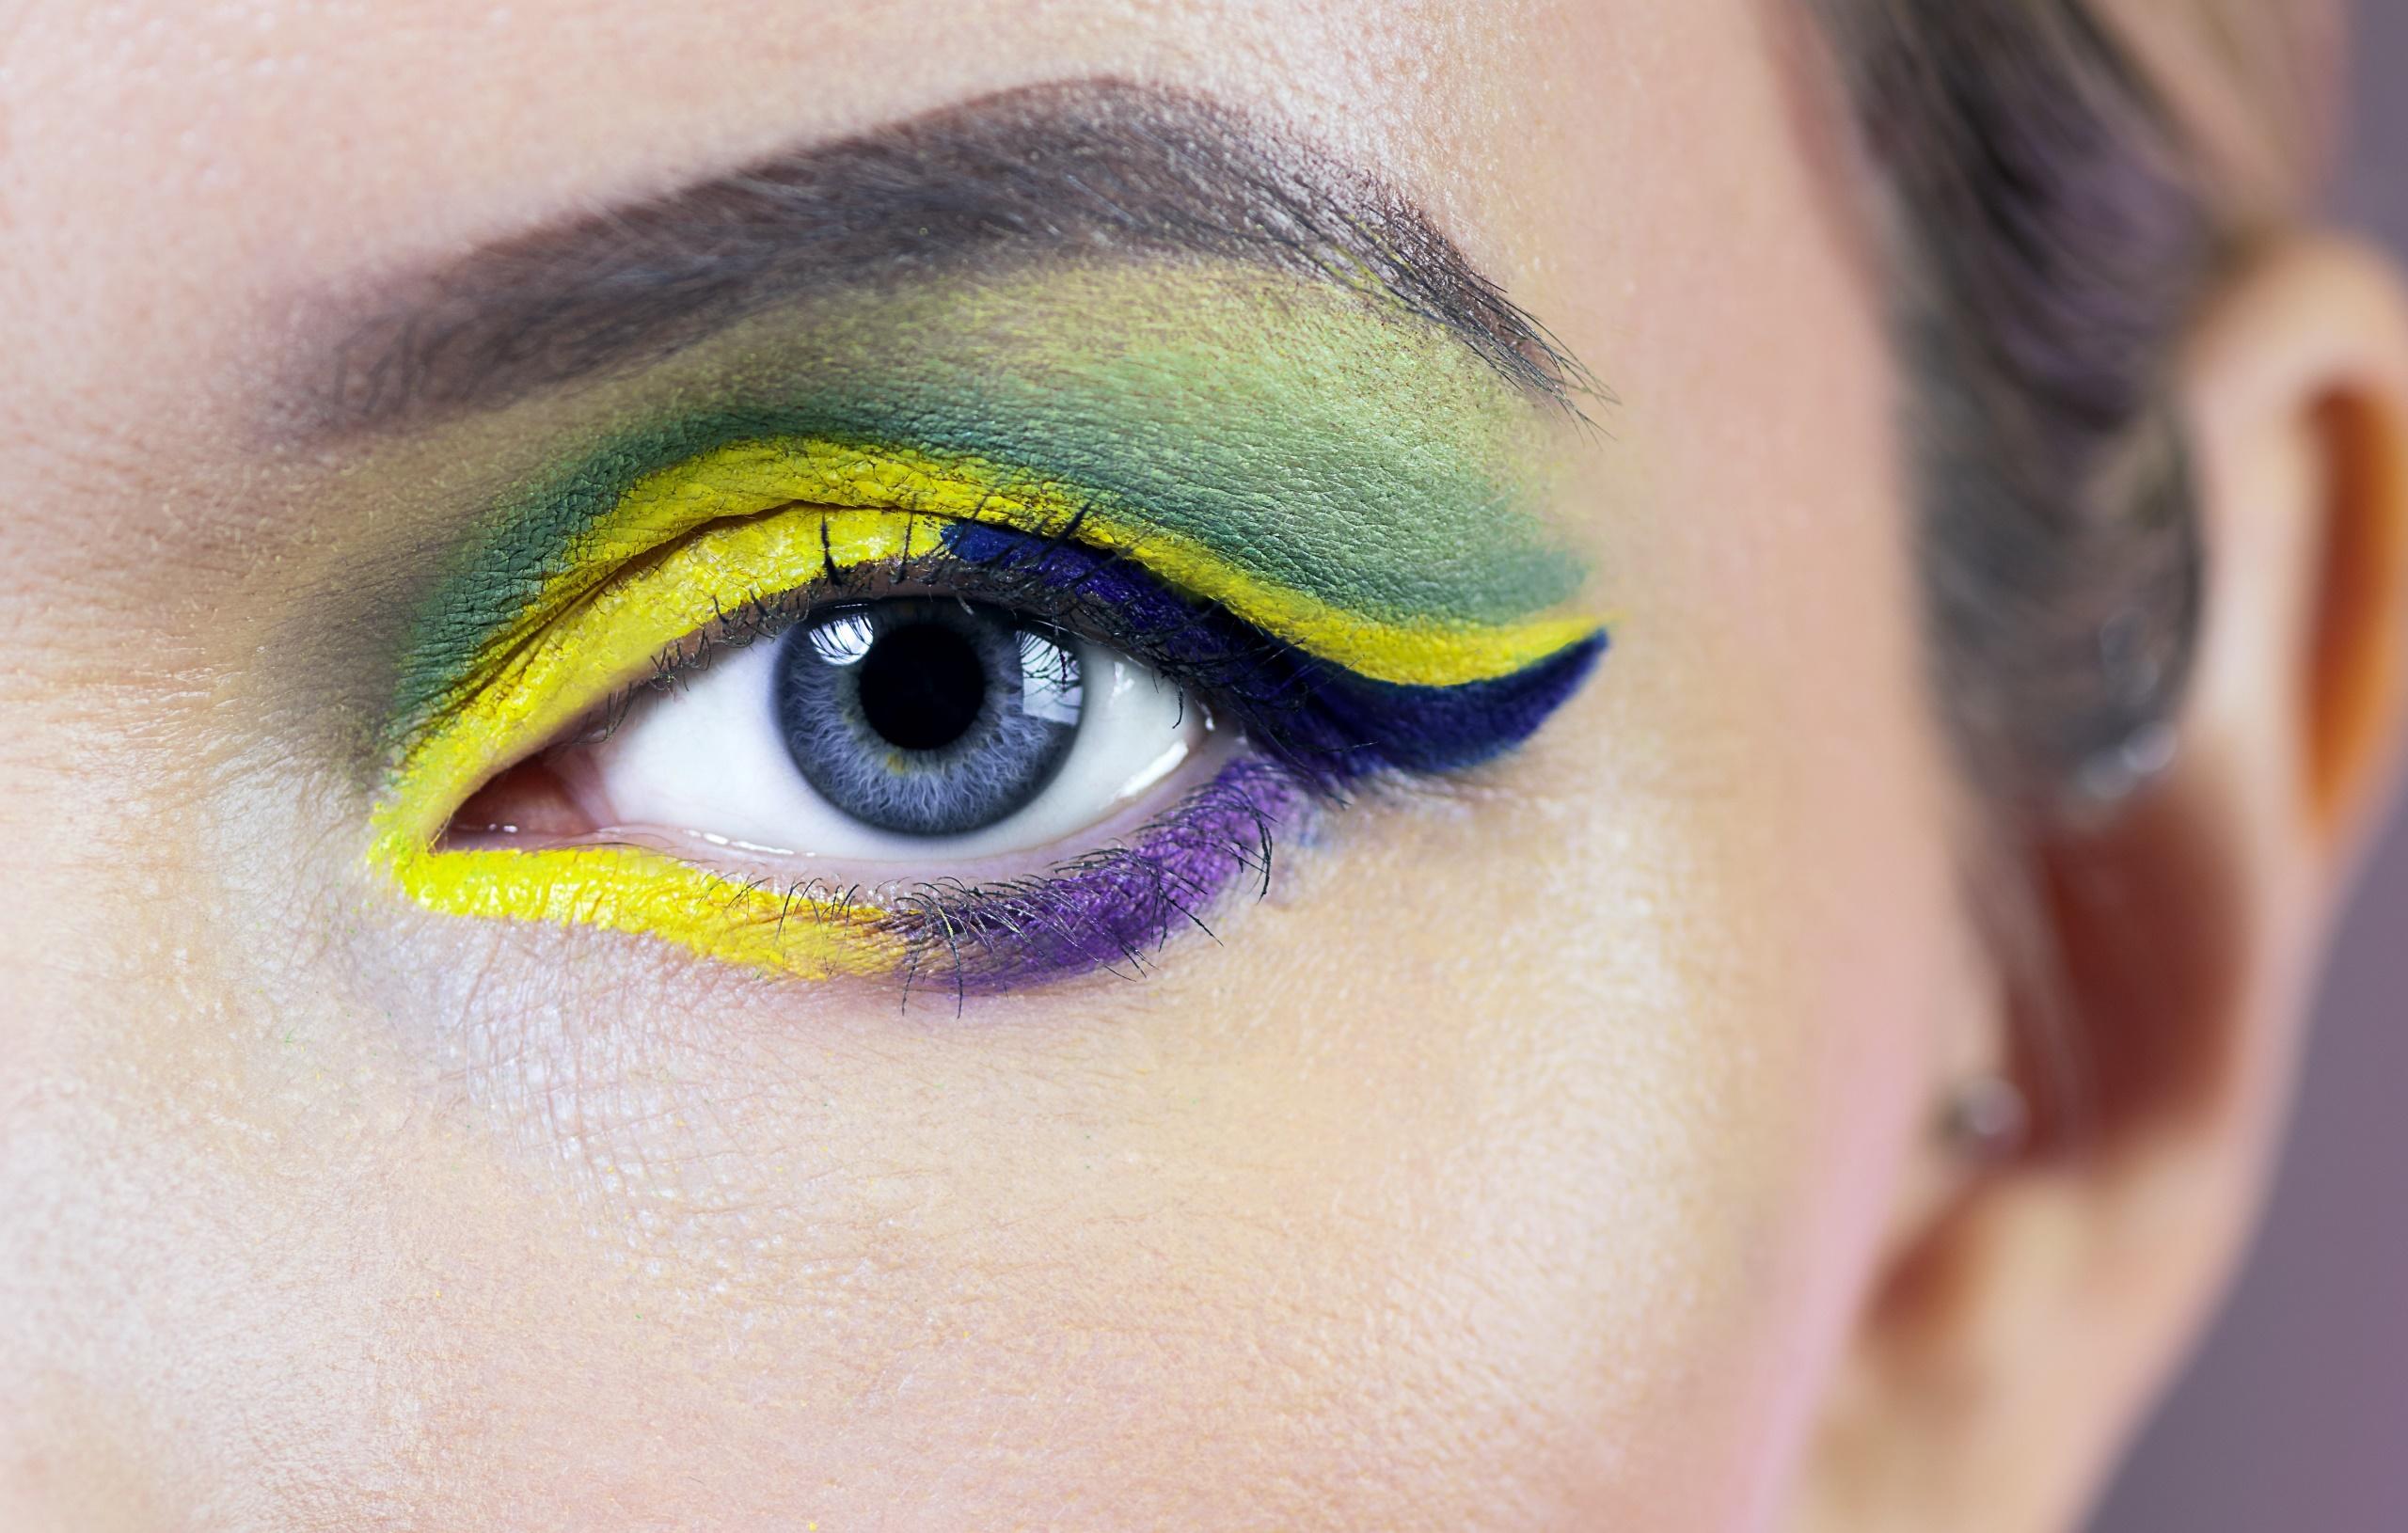 femmes maquillage les yeux Coloré yeux bleus